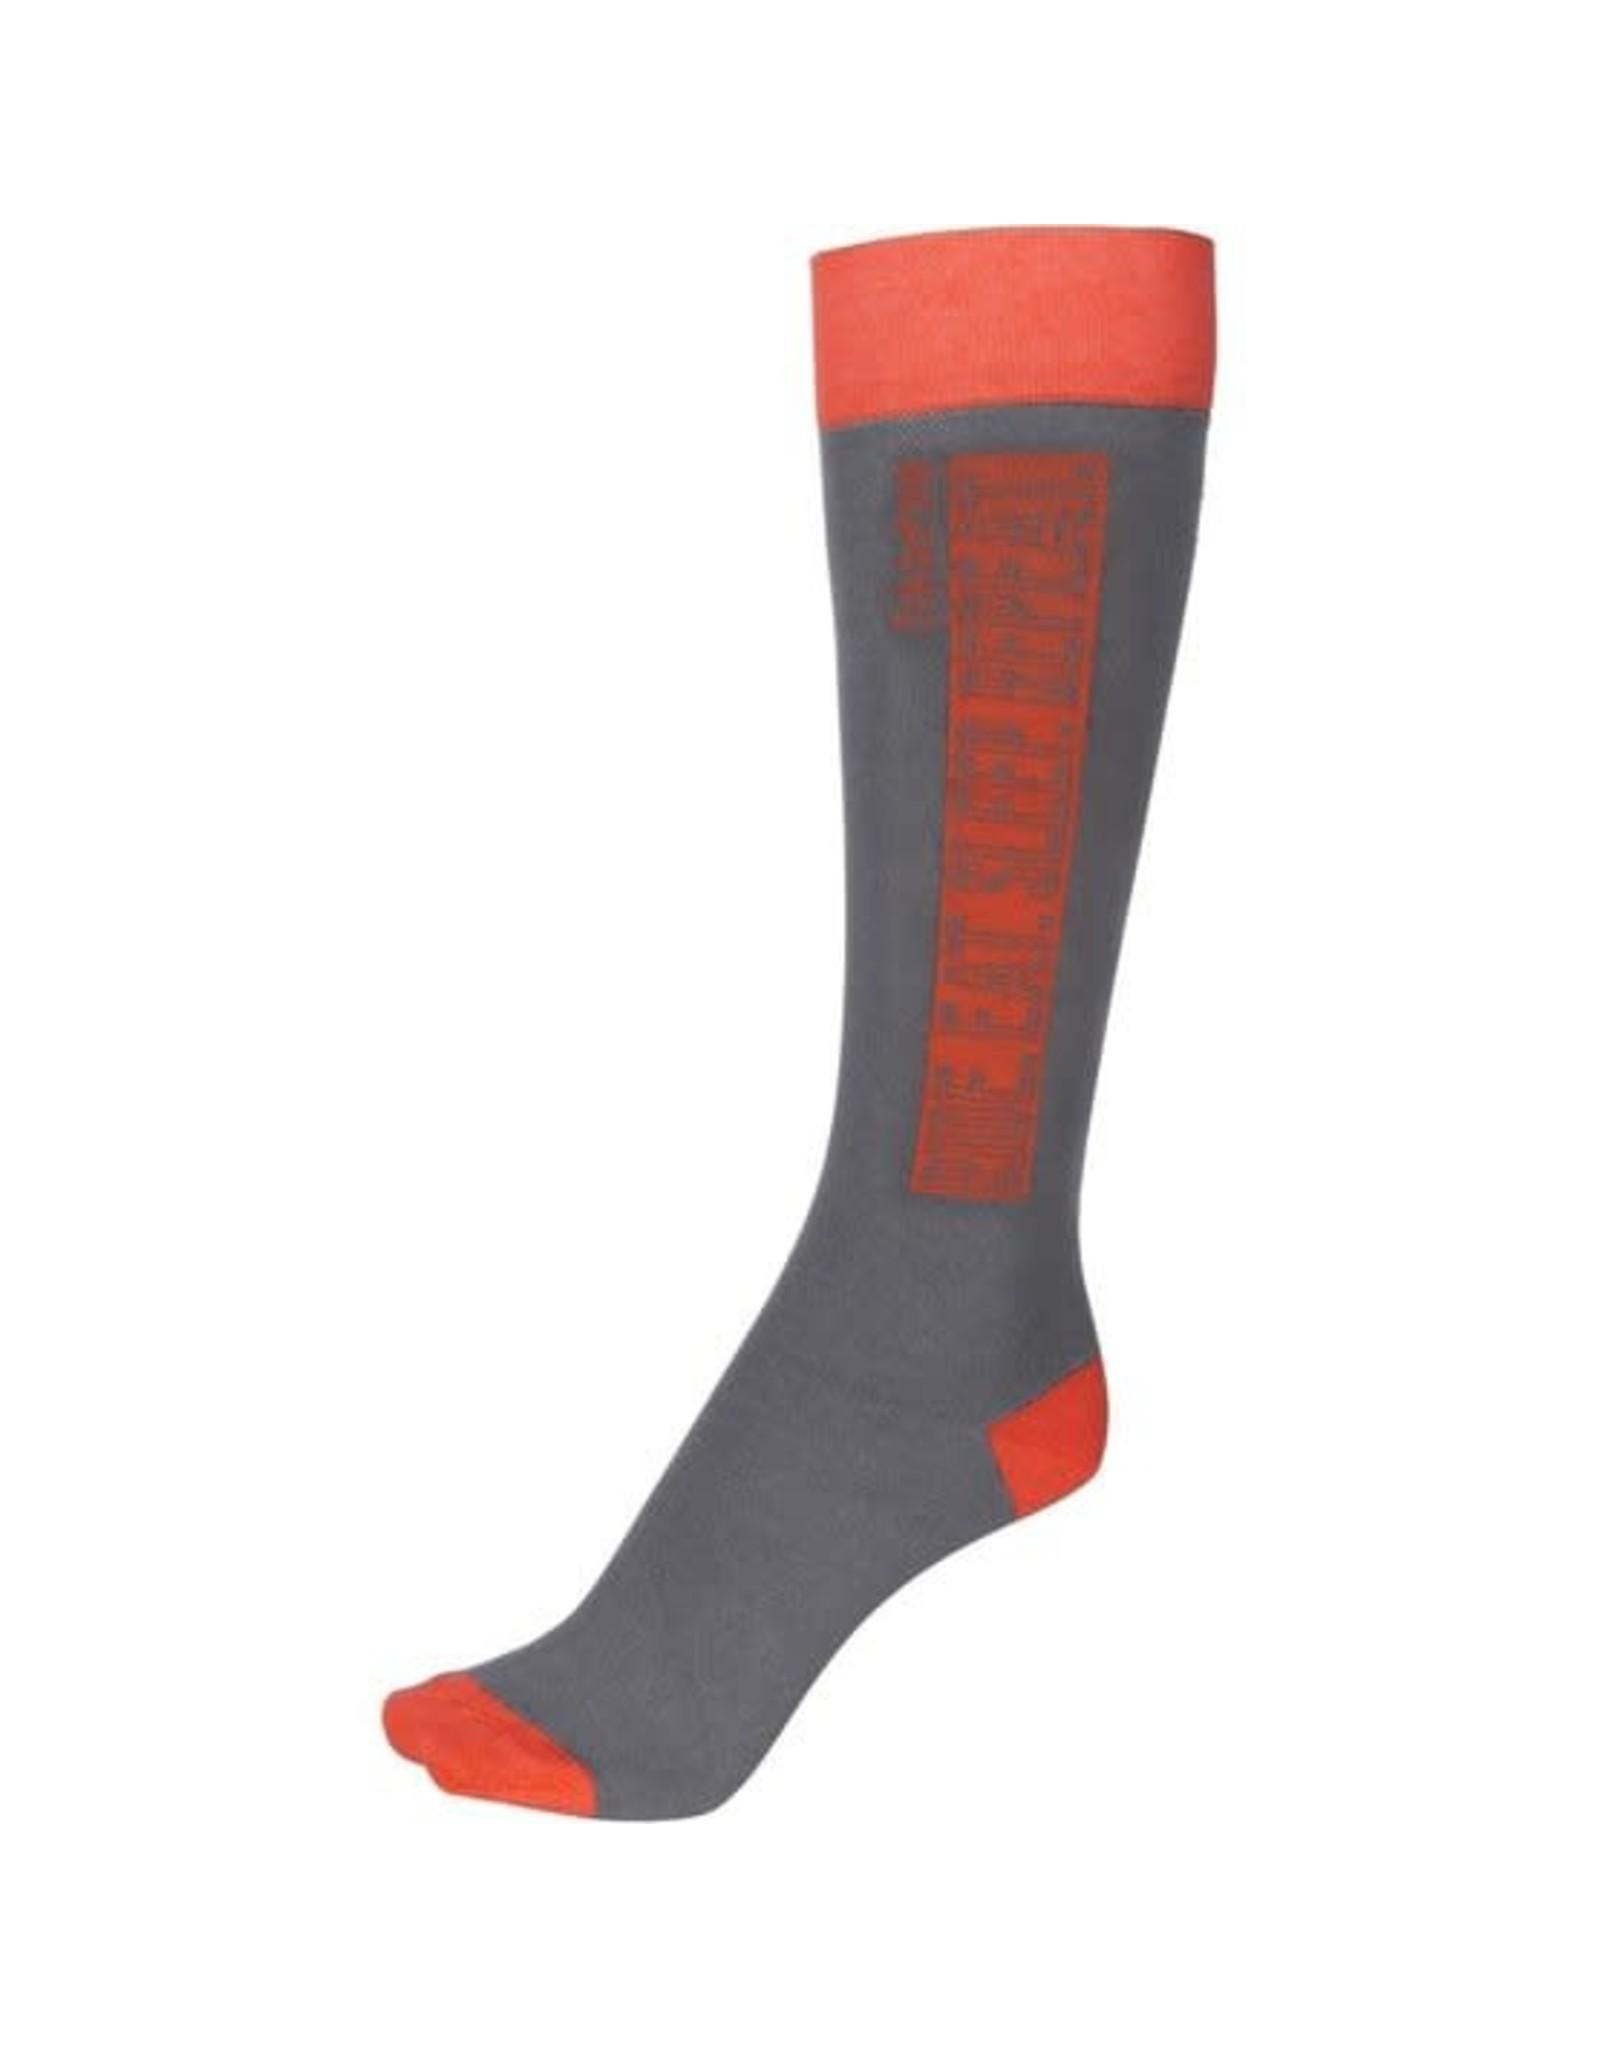 Eskadron Eskadron Knee Socks Equestrian Fanatics Grey/orange